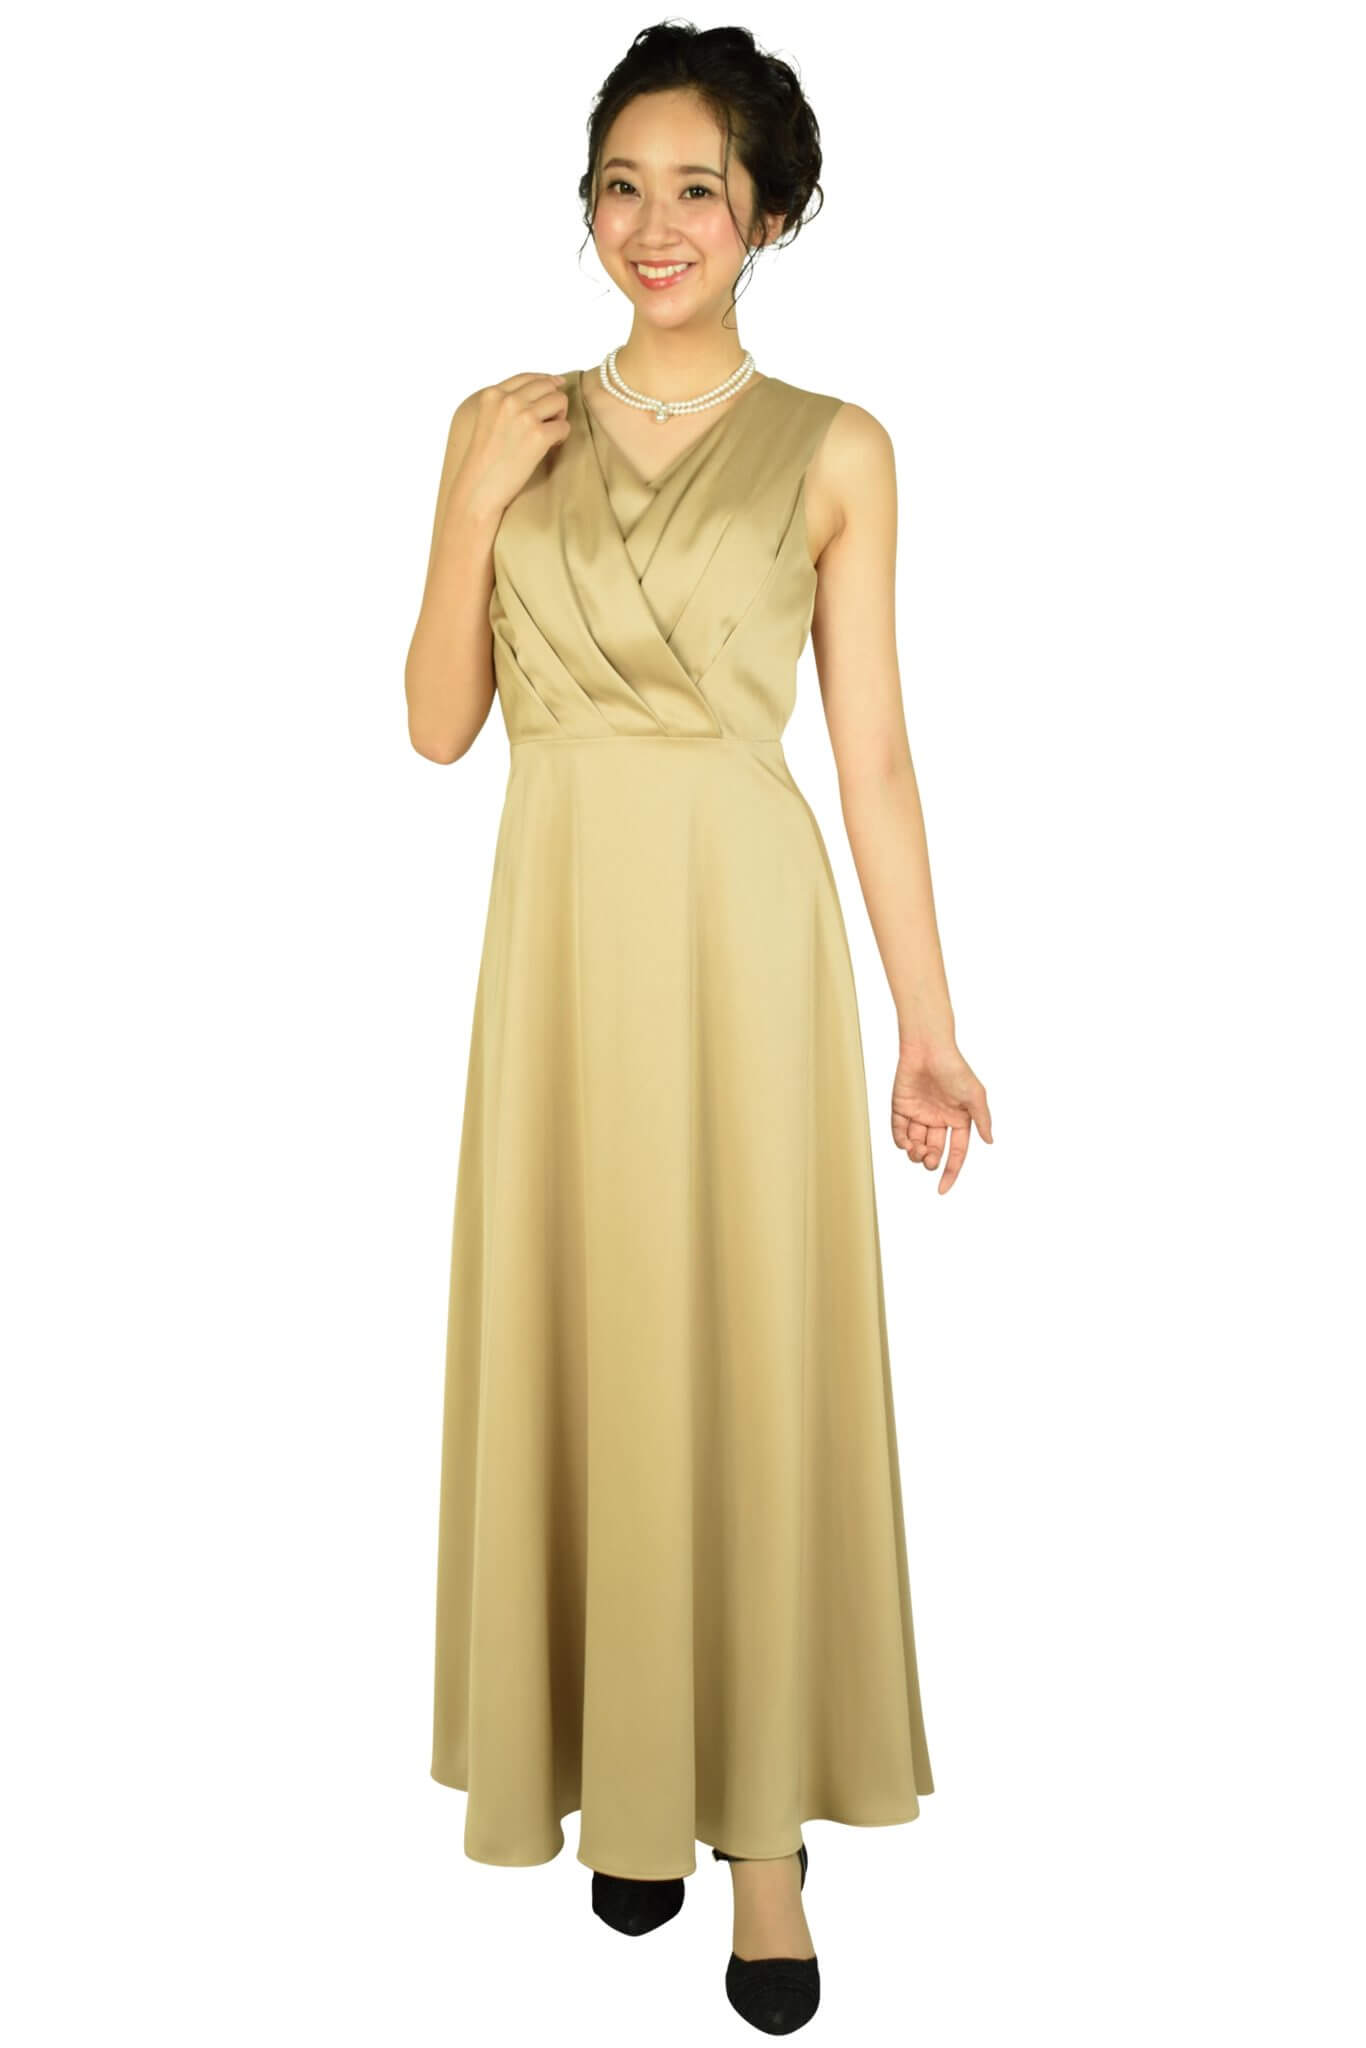 エルモソ リュクス (Hermoso luxe)カシュクールベージュロングドレス